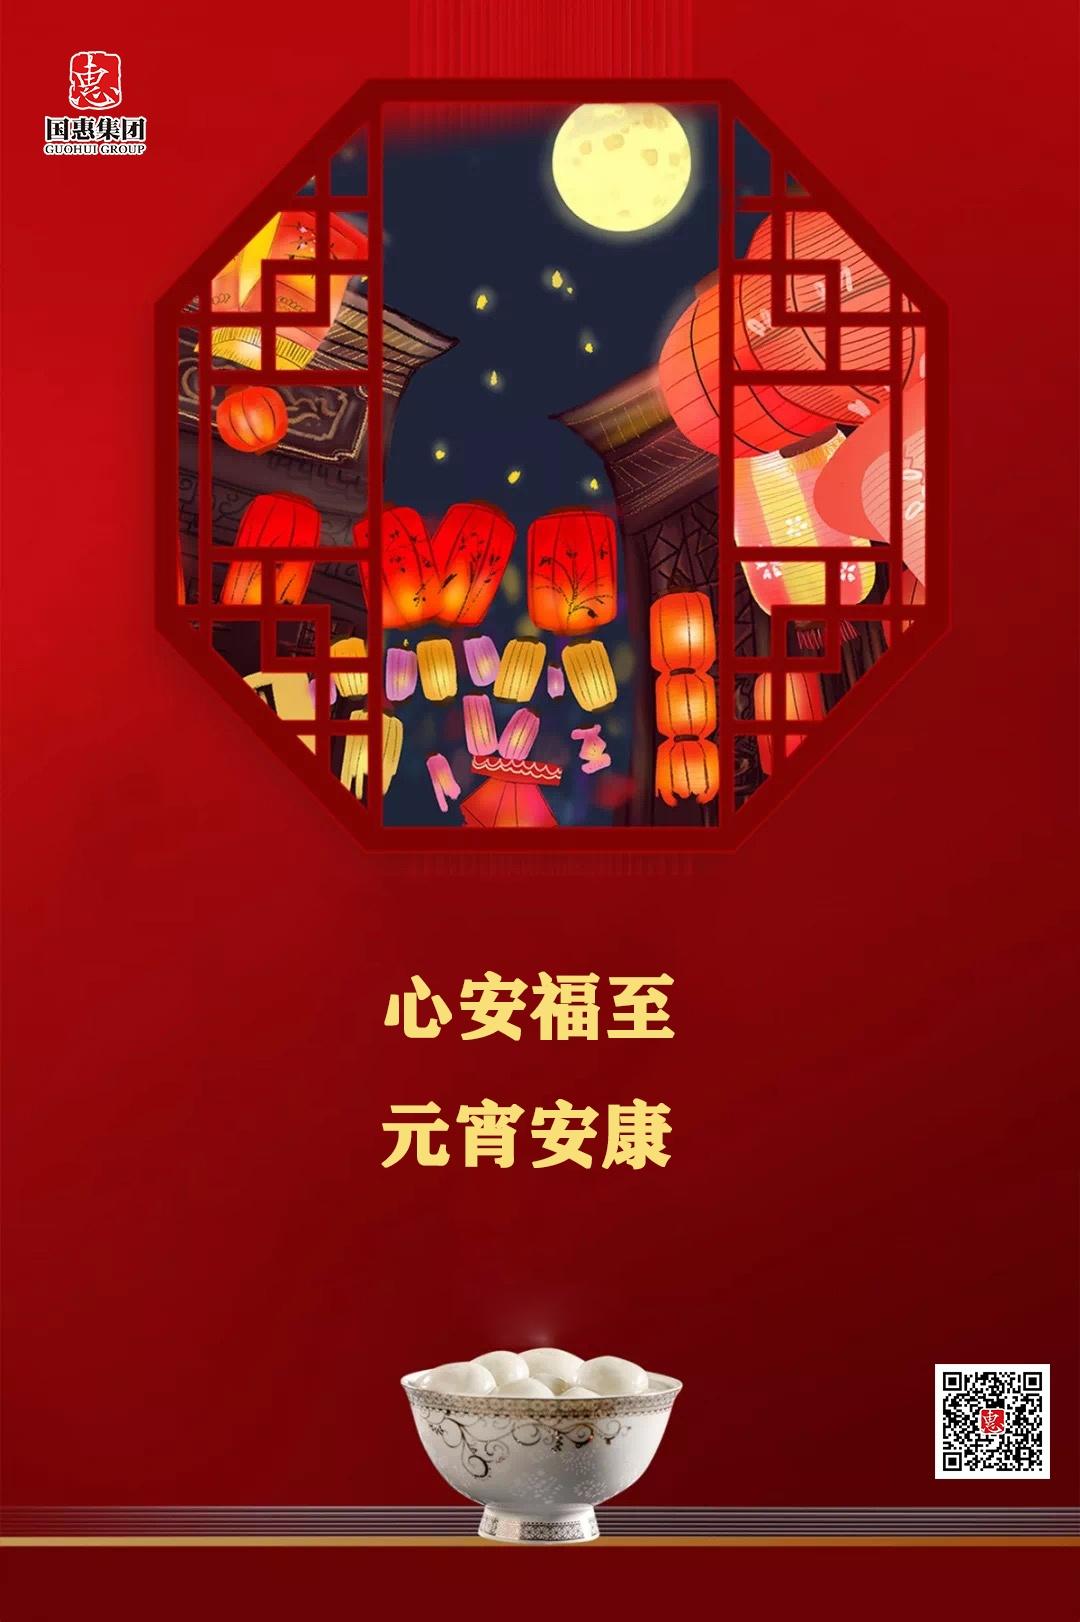 元宵节海报.jpg